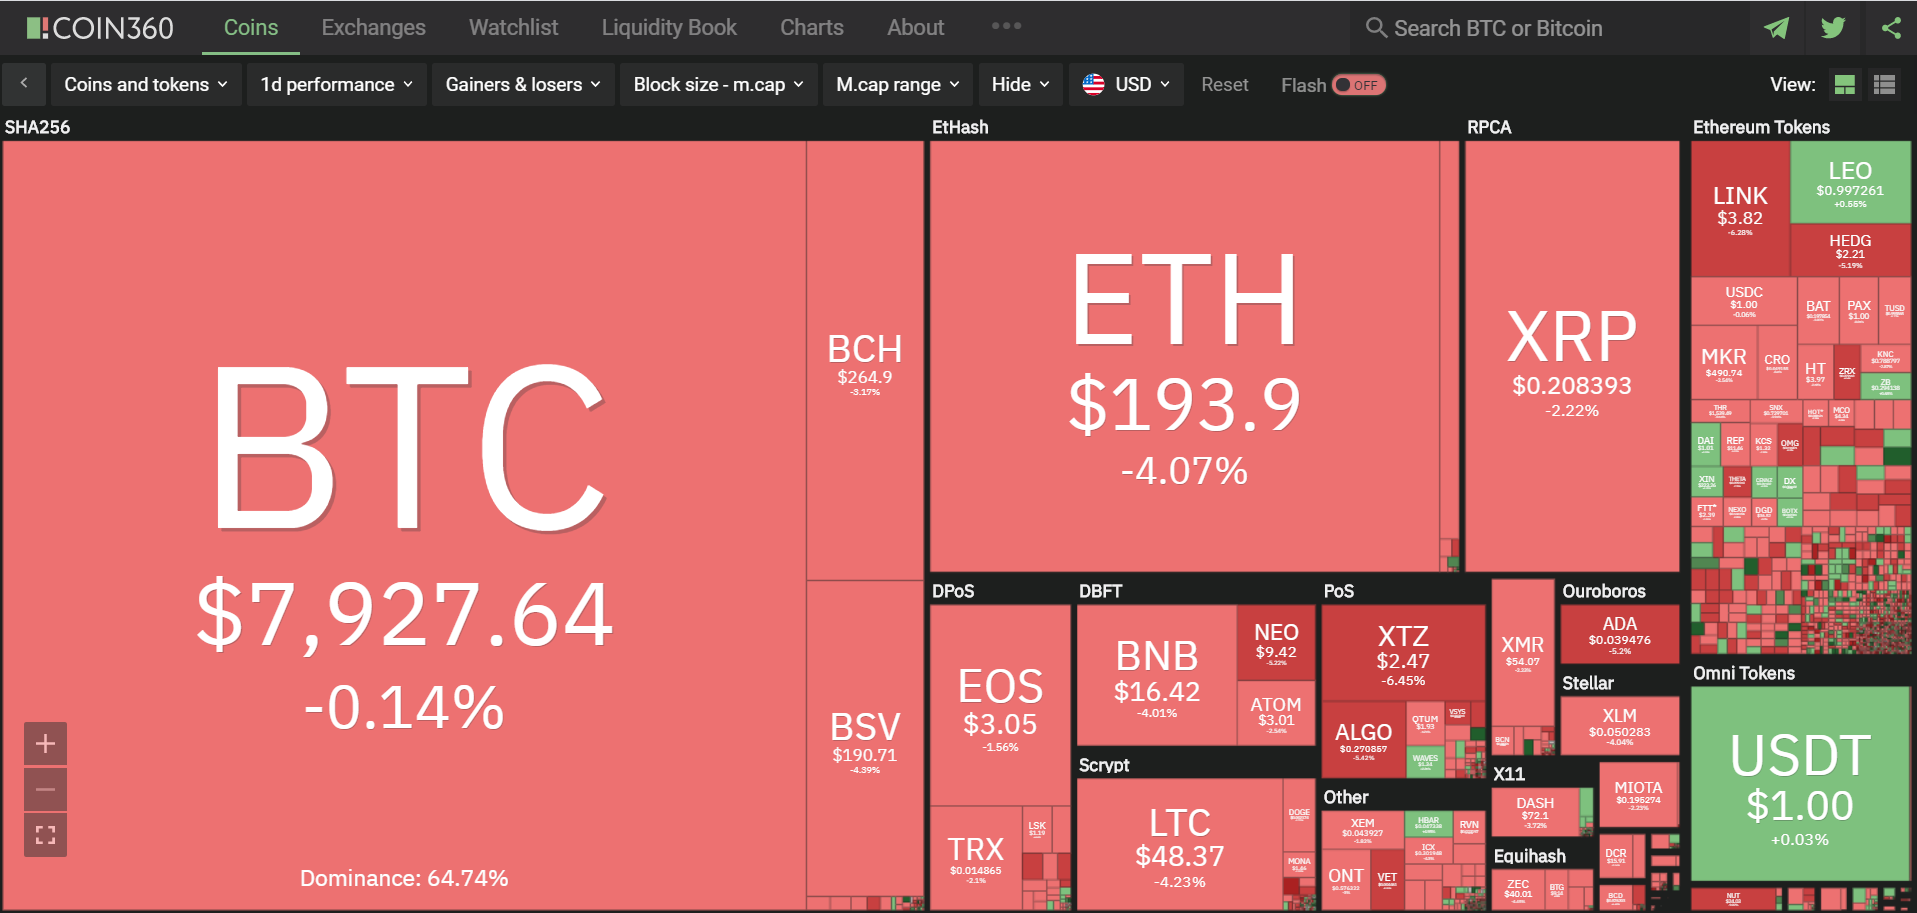 Toàn cảnh thị trường tiền kĩ thuật số hôm nay (12/3) (Nguồn: Coin360.com)